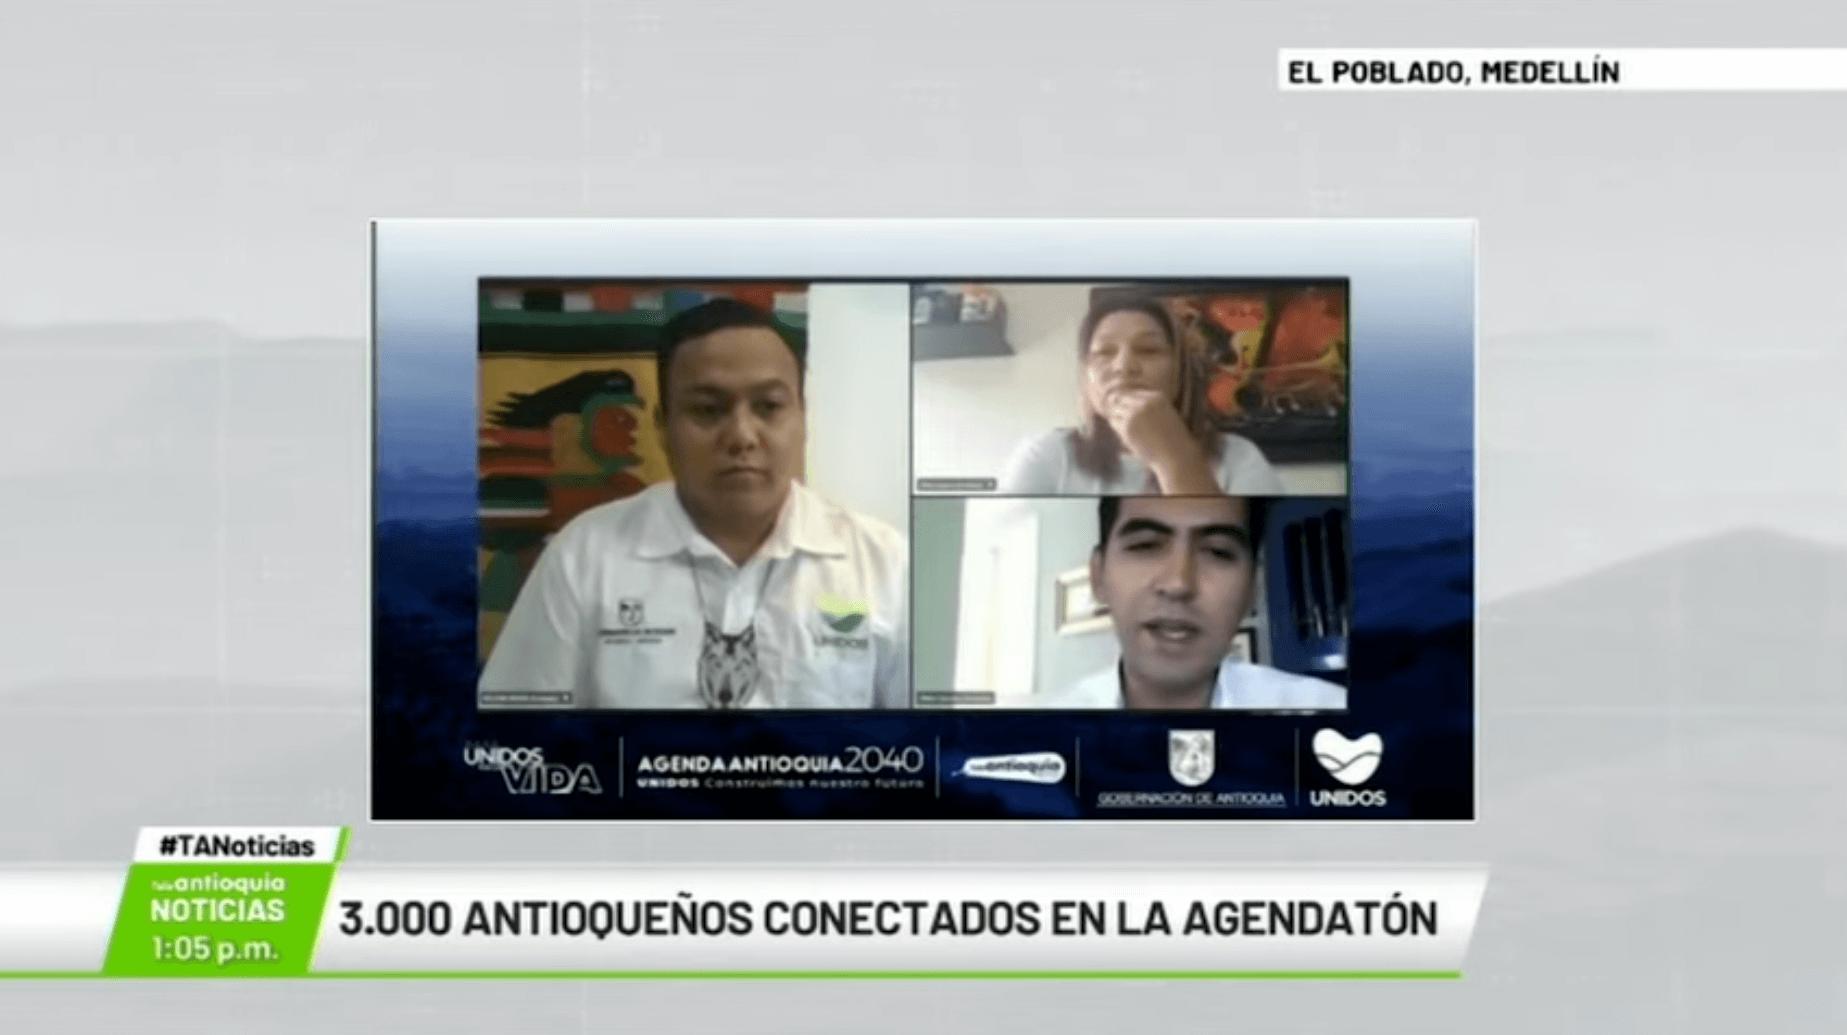 3.000 antioqueños conectados en la «Agendatón»